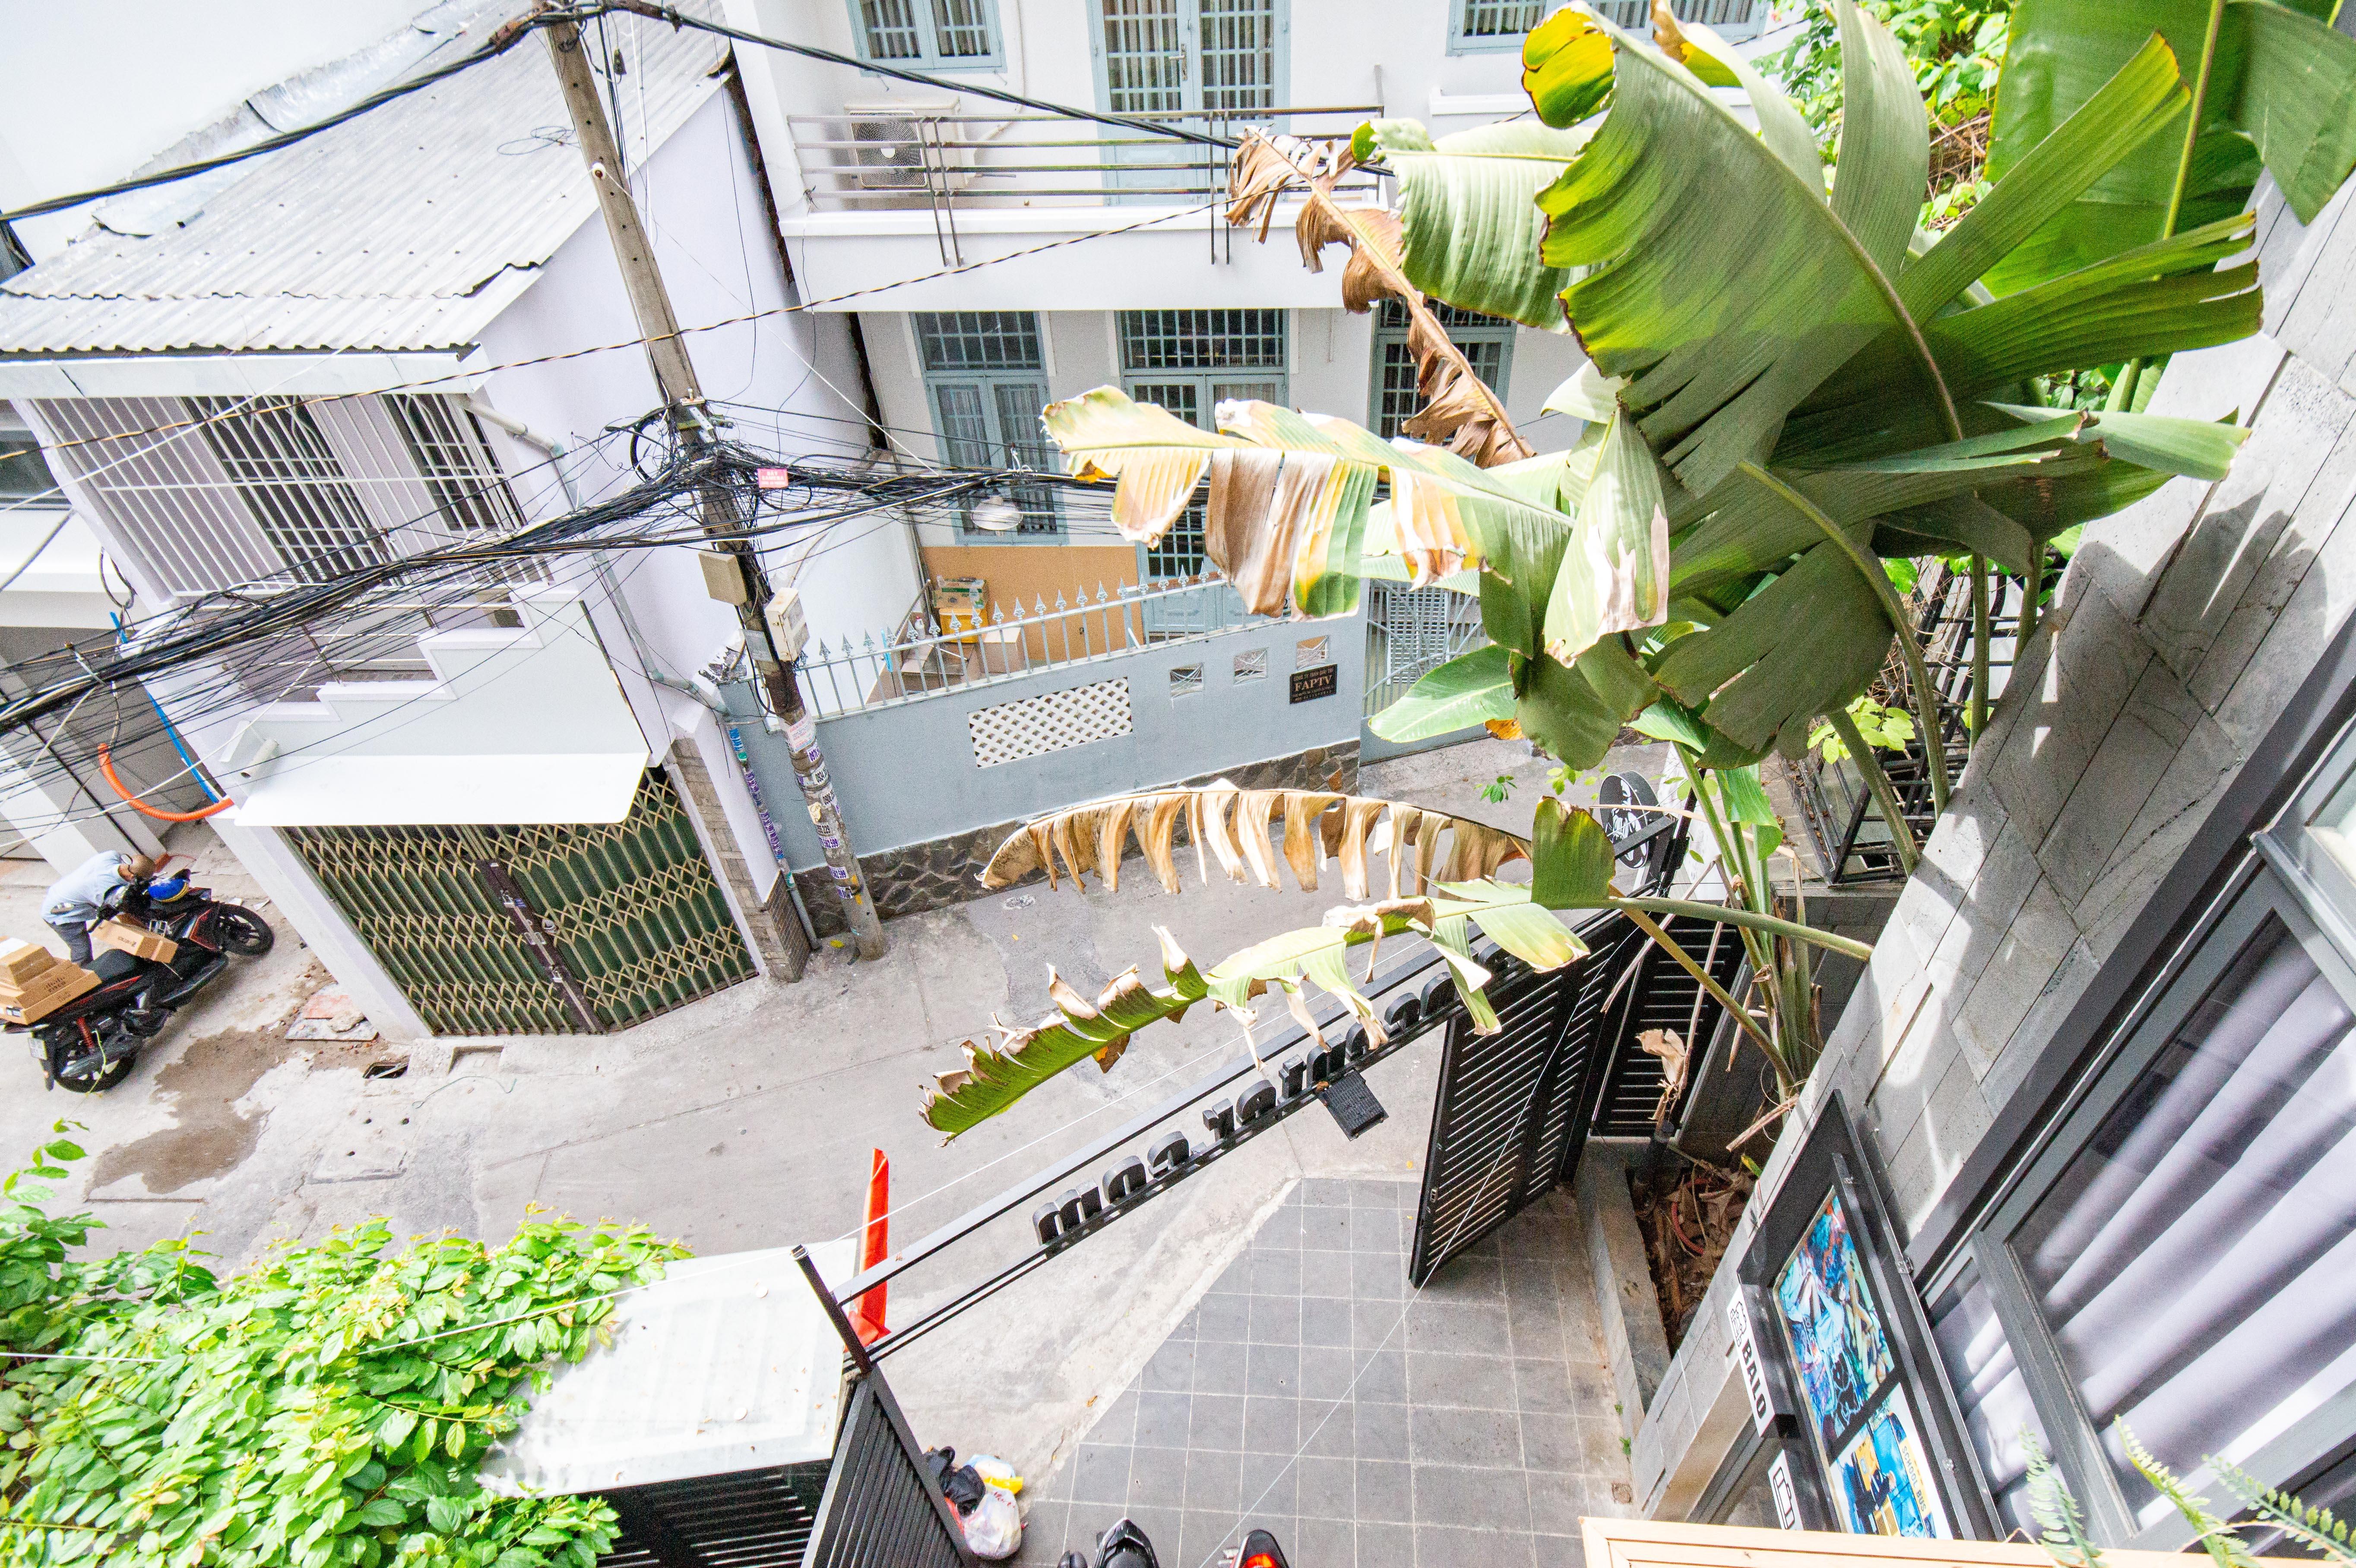 Cho Thuê Căn Hộ Dịch Vụ Nguyễn Trãi 1 PN - View Nội Khu Yên Tĩnh -12